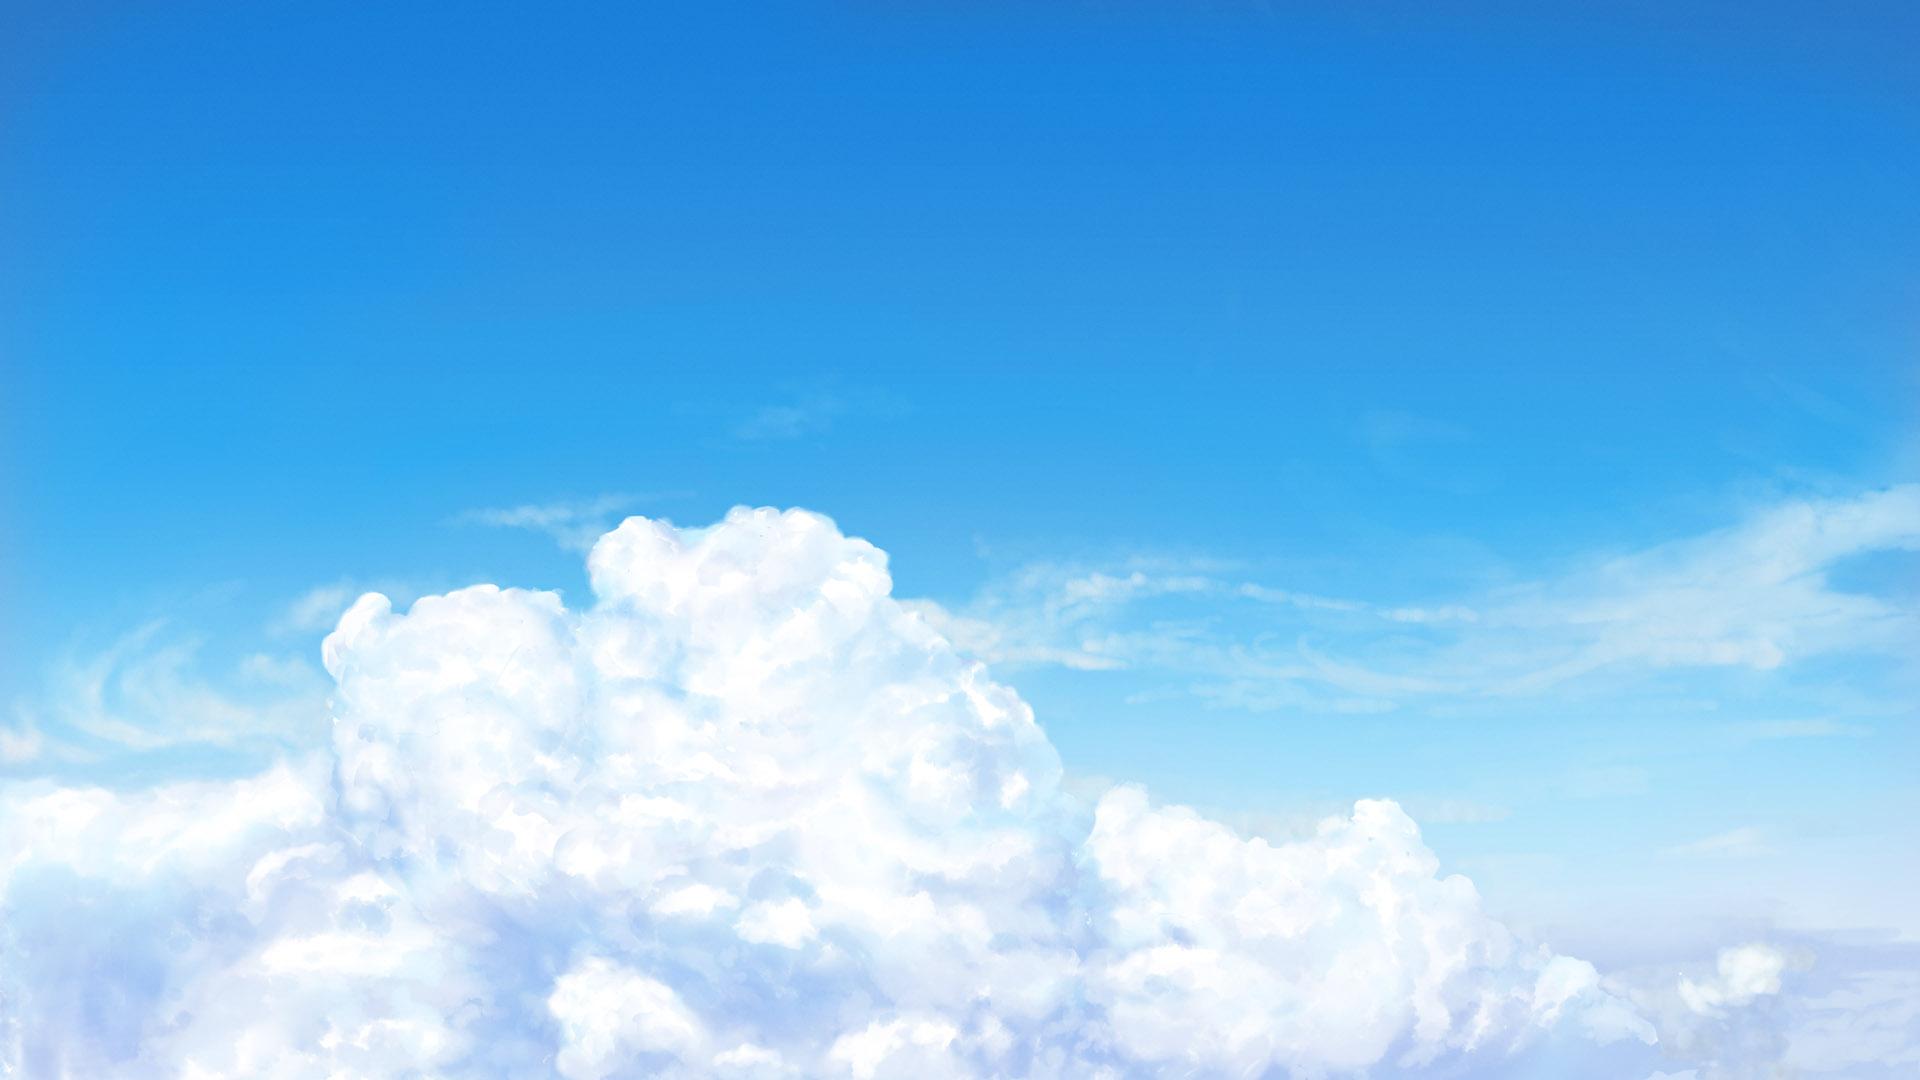 【フリー背景素材】 青空と雲